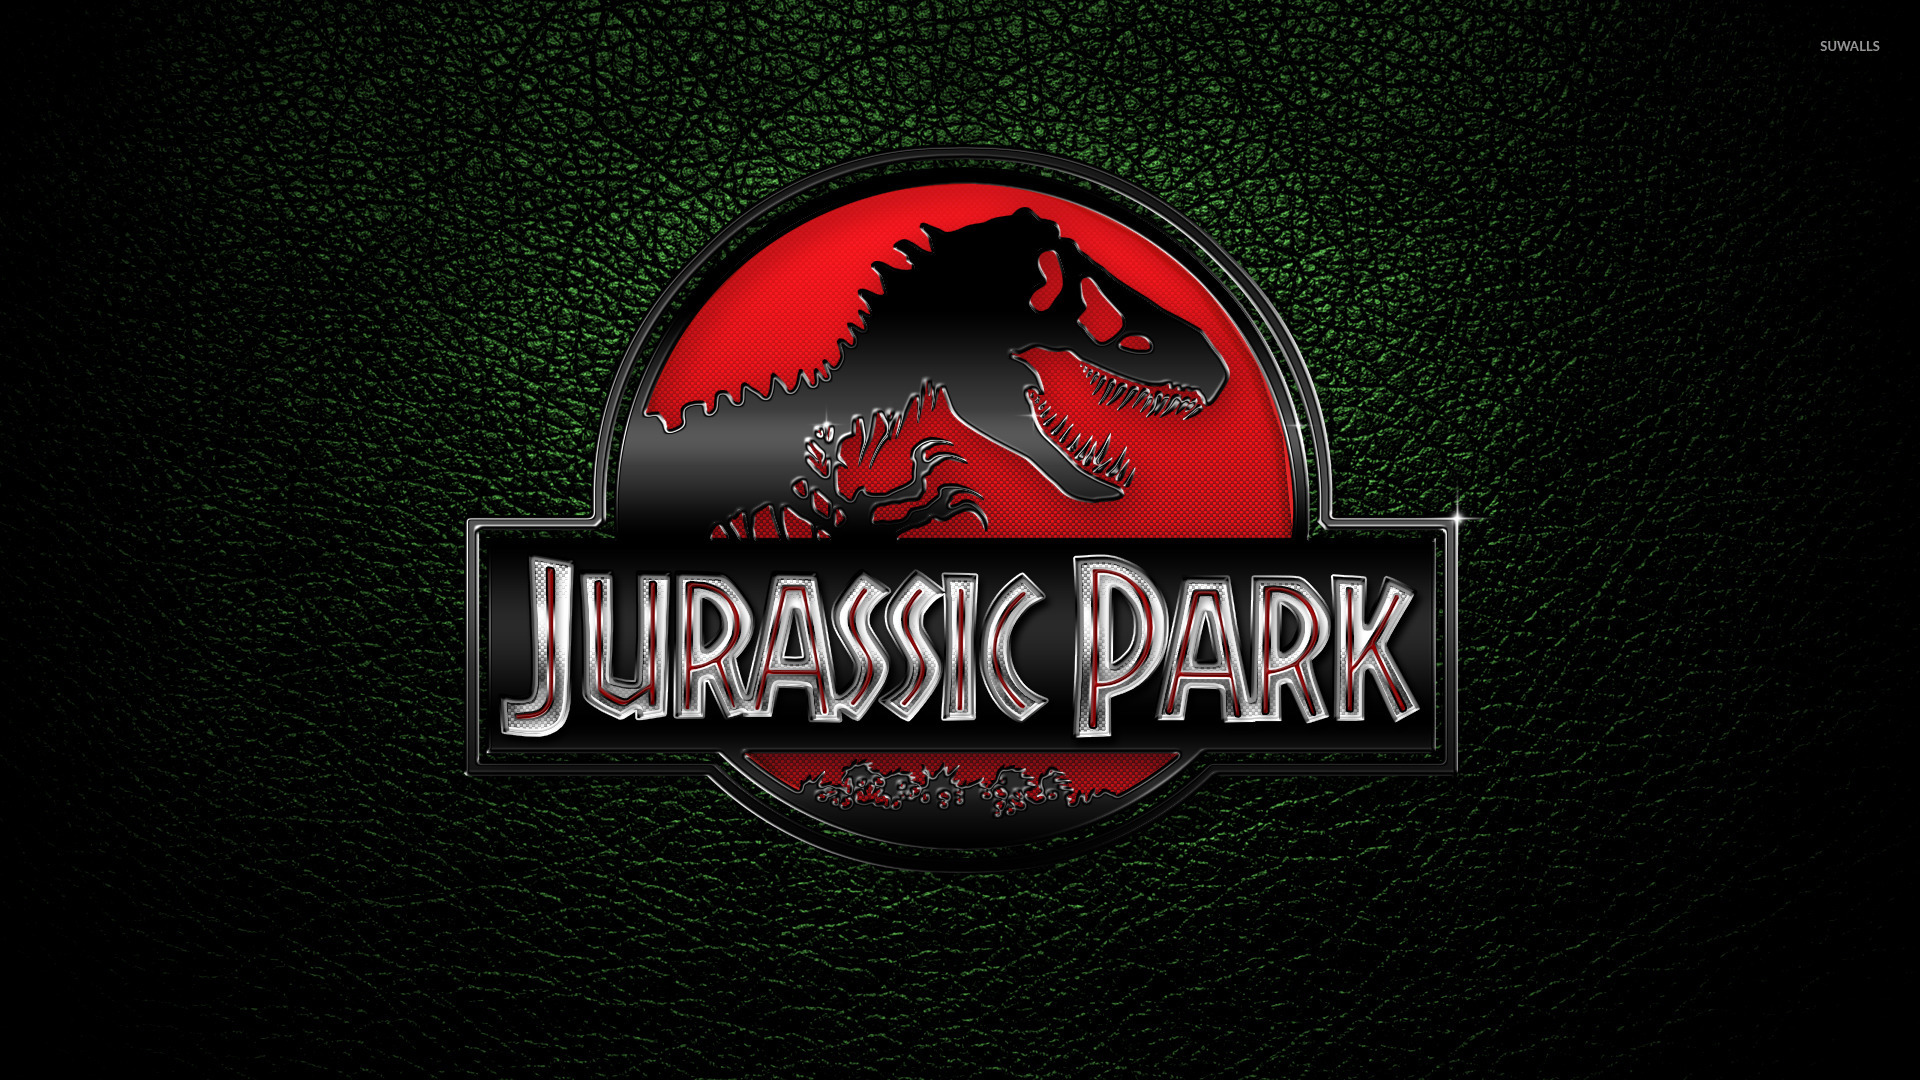 Jurassic Park [2] wallpaper